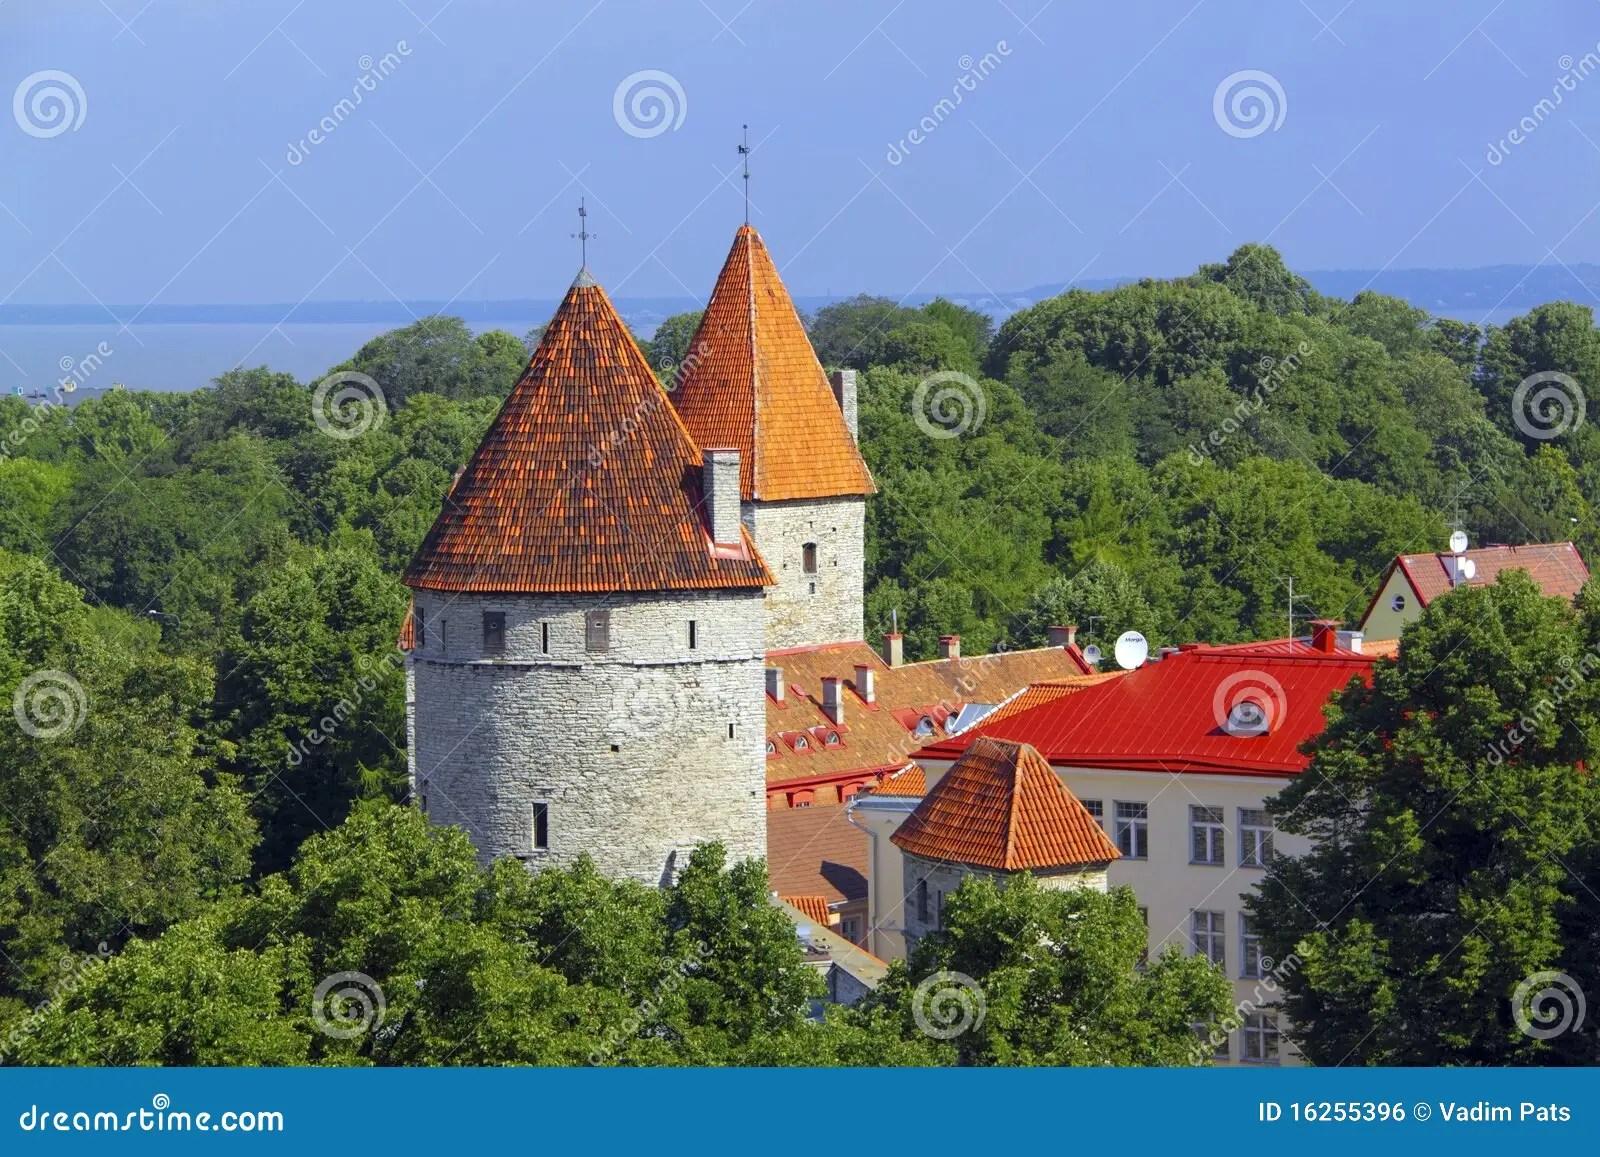 愛沙尼亞塔林塔 免版稅庫存圖片 - 圖片: 16255396